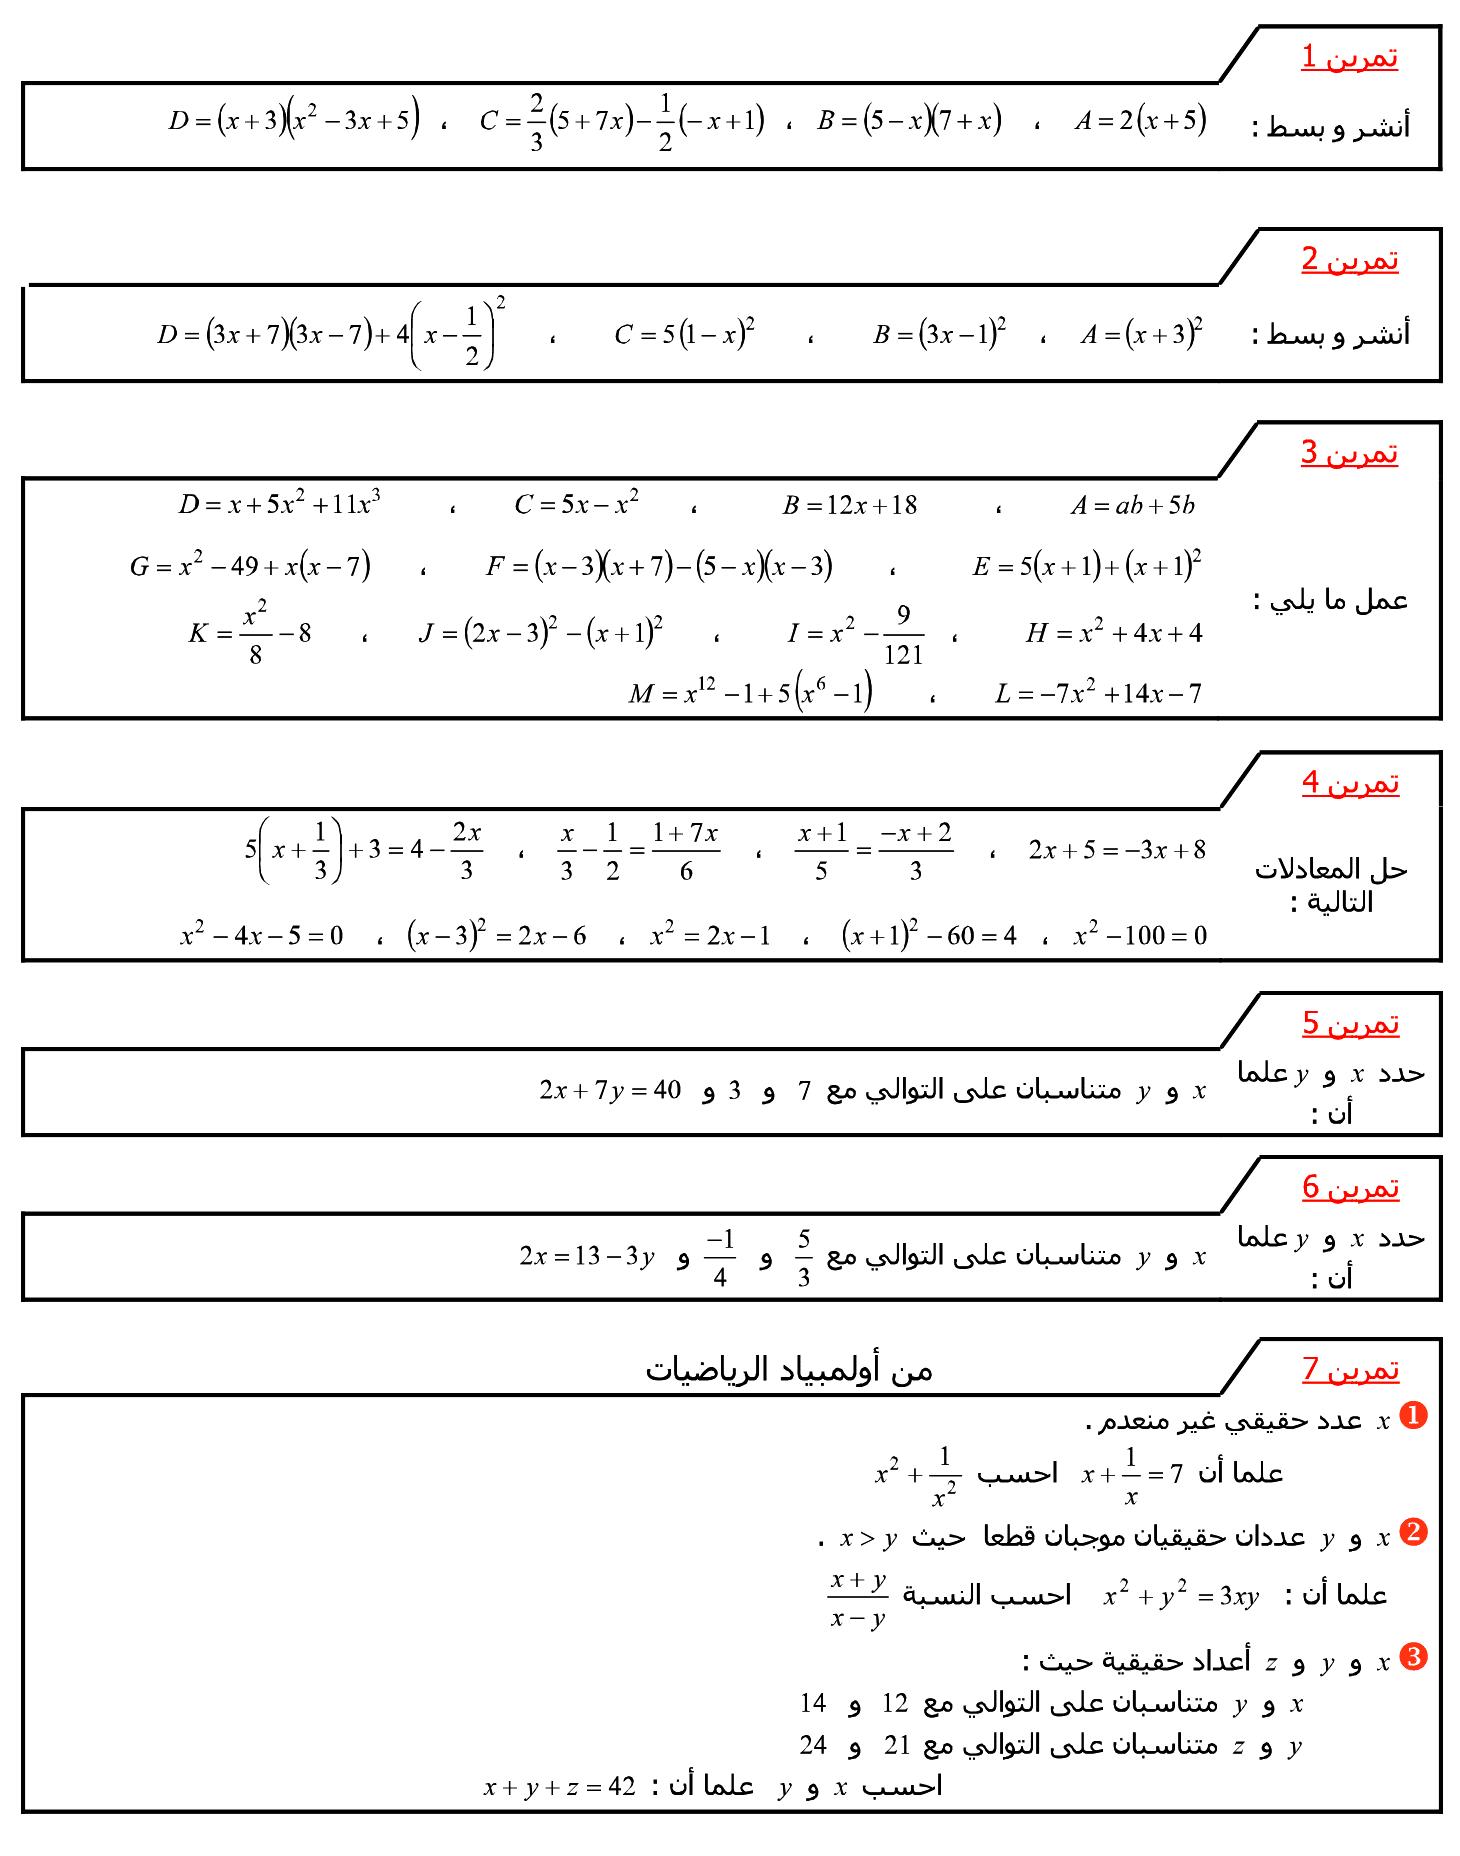 المتطابقات الهامة تمارين وحلول للسنة الثالثة اعدادي